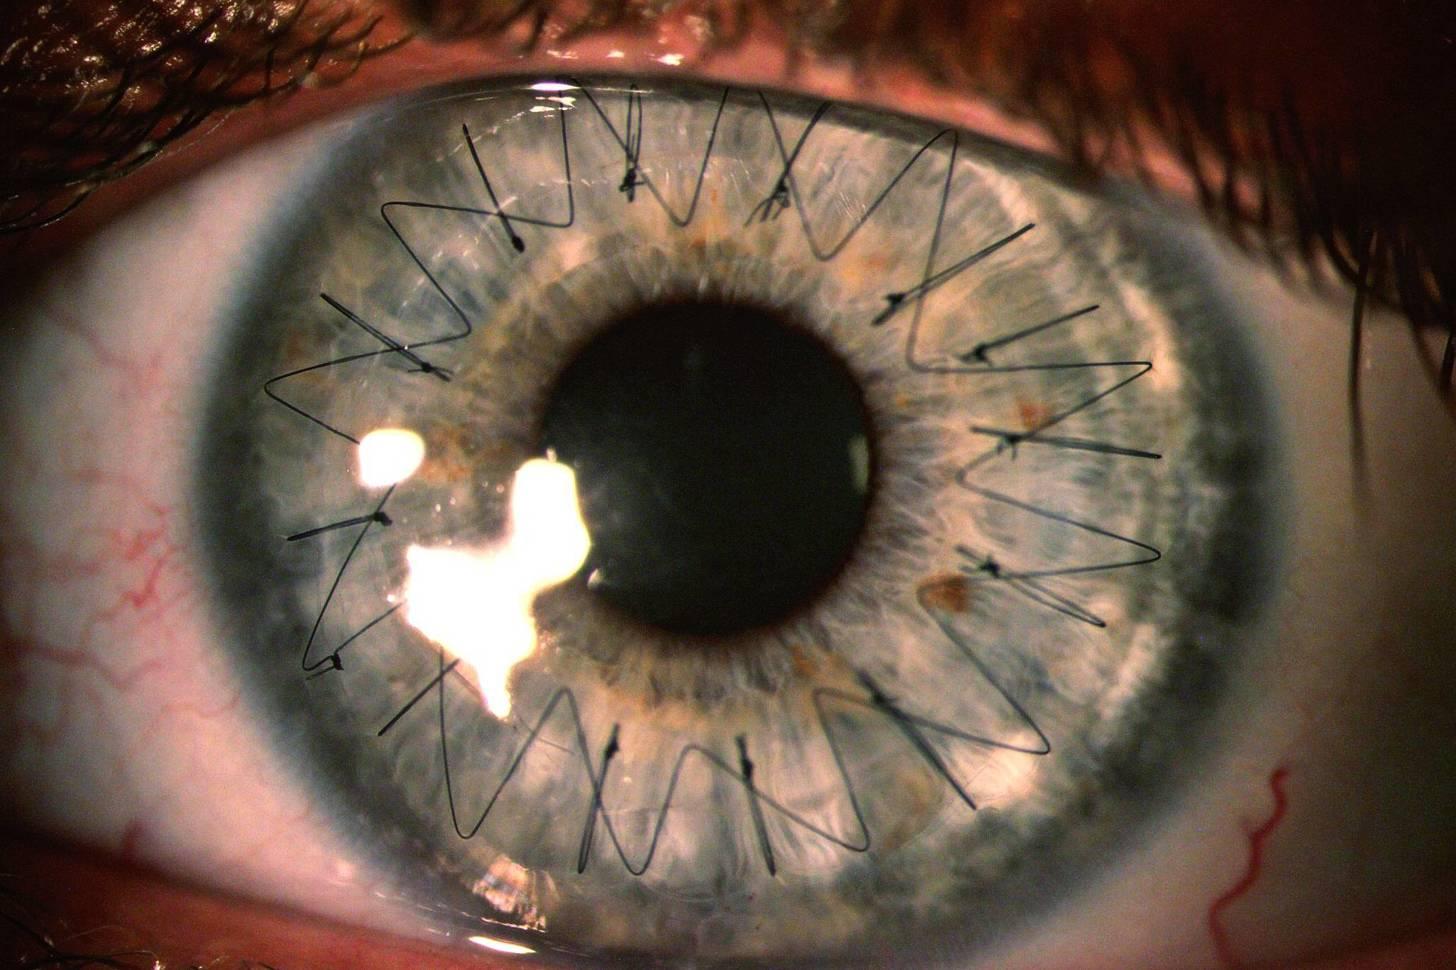 Person Eyes Turn Like Dog Eyes